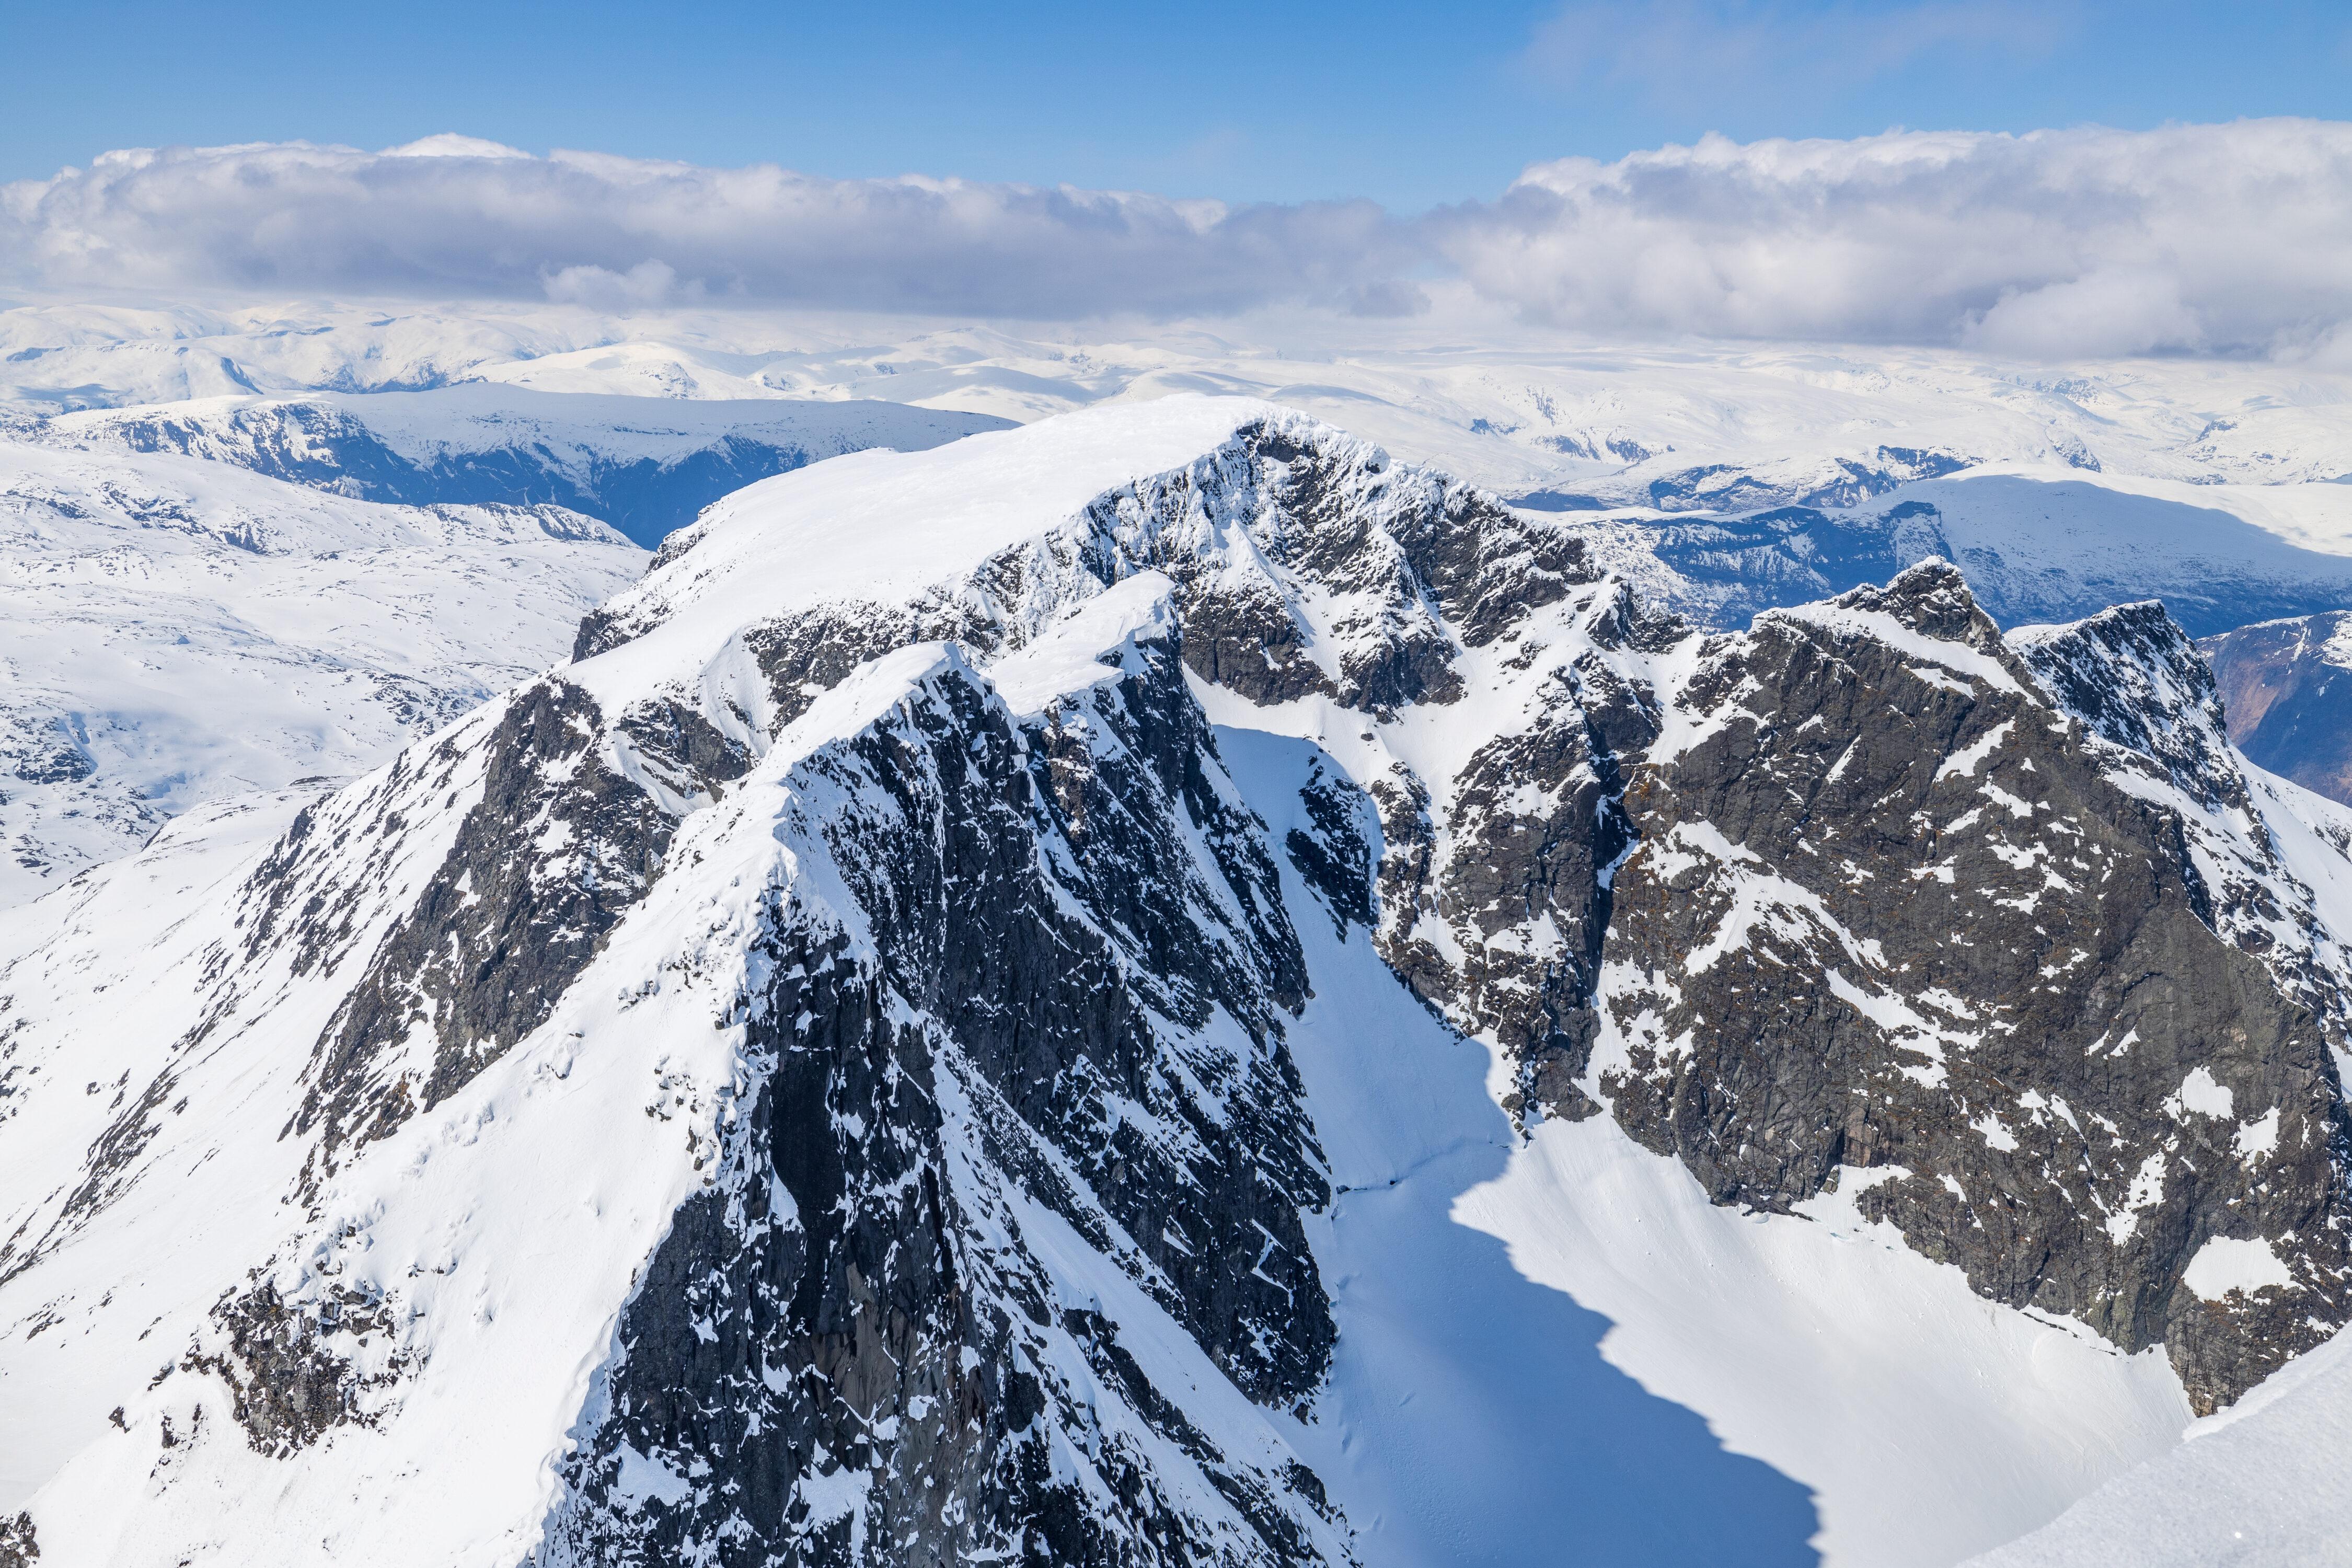 Soleibotntindene sett fra toppen av Store Ringstind.